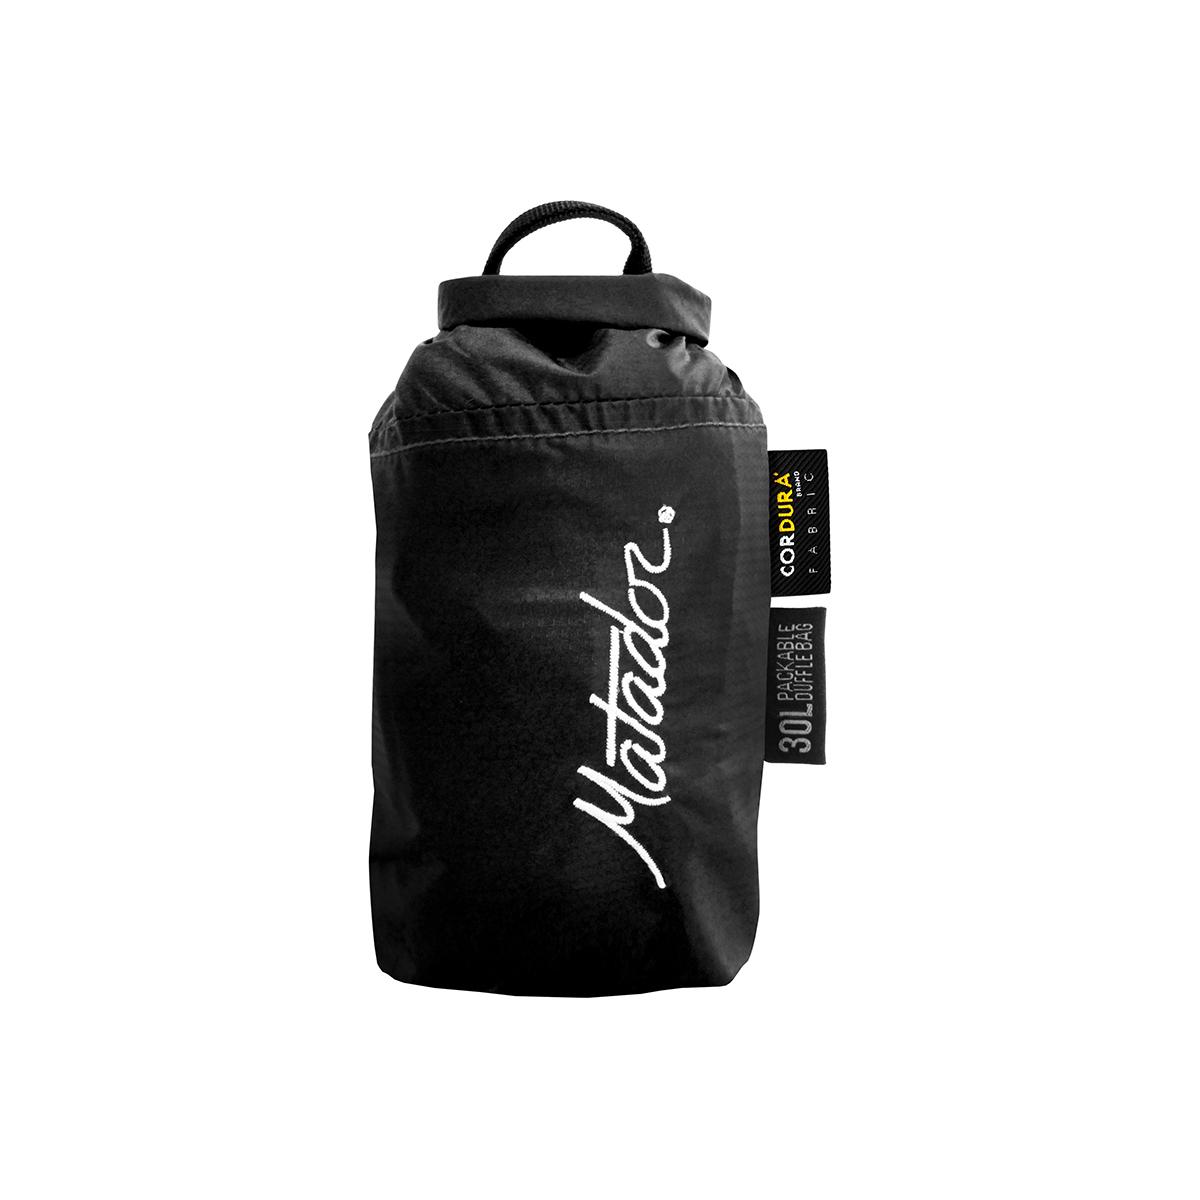 手のひらサイズになる大容量バッグ|《30L/ブラック》旅先や出張でスマートに荷物をまとめて、日常生活でも使える。手のひらサイズにたためる防水仕様のボストンバッグ|Matador transit30 2.0